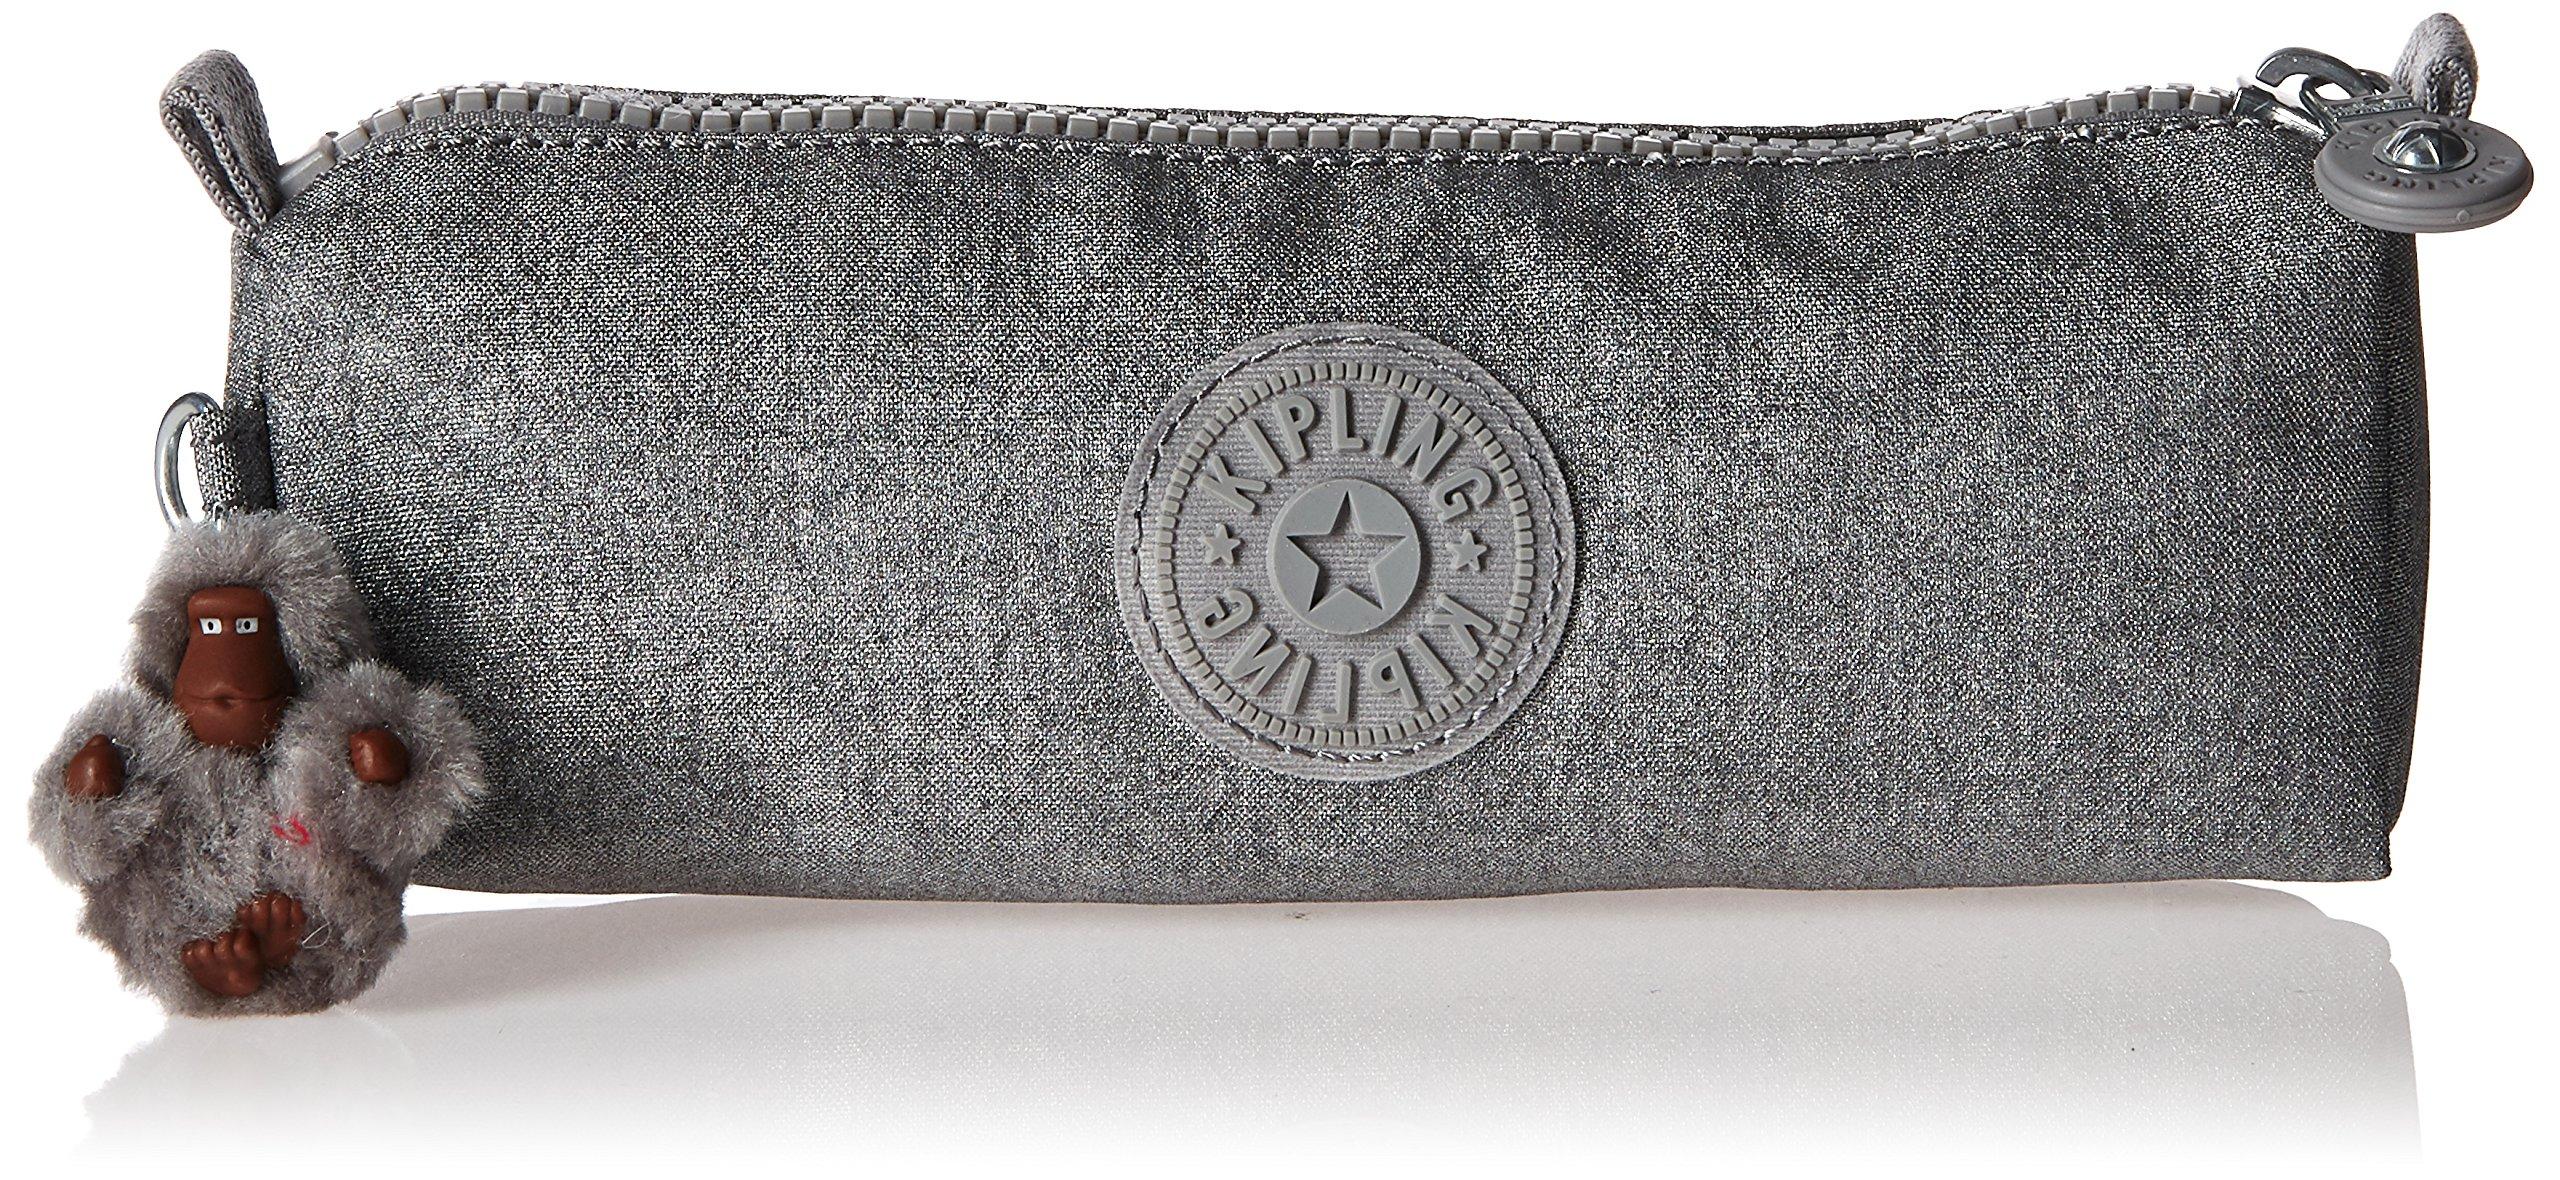 Kipling Fabian Metallic Pouch, Silver Glimmer Metallic